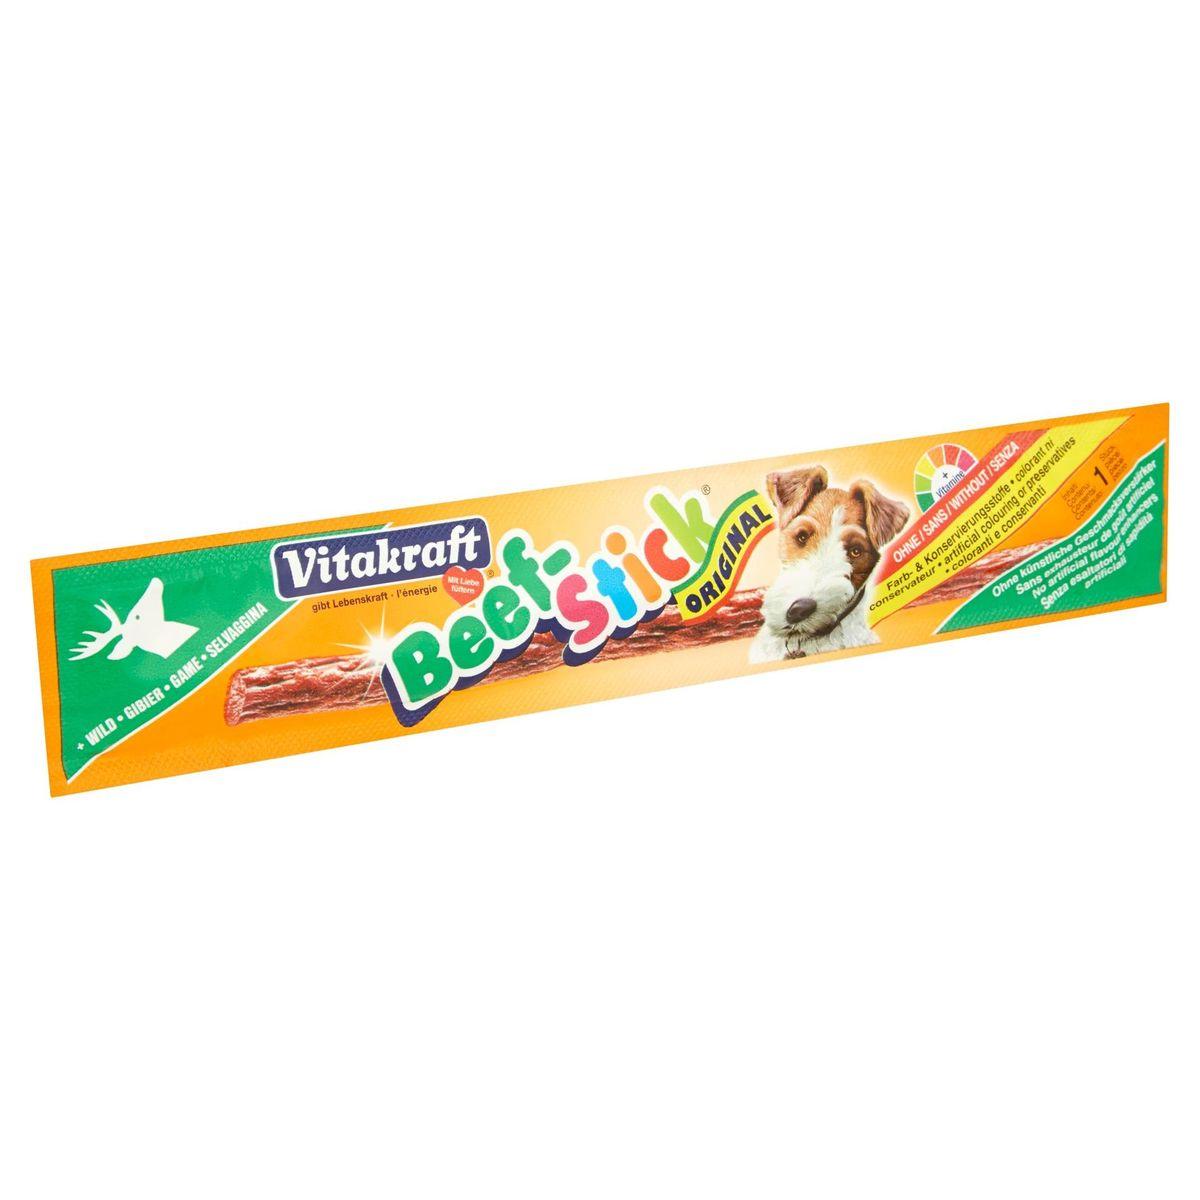 Vitakraft Beef-Stick gibier 12 g